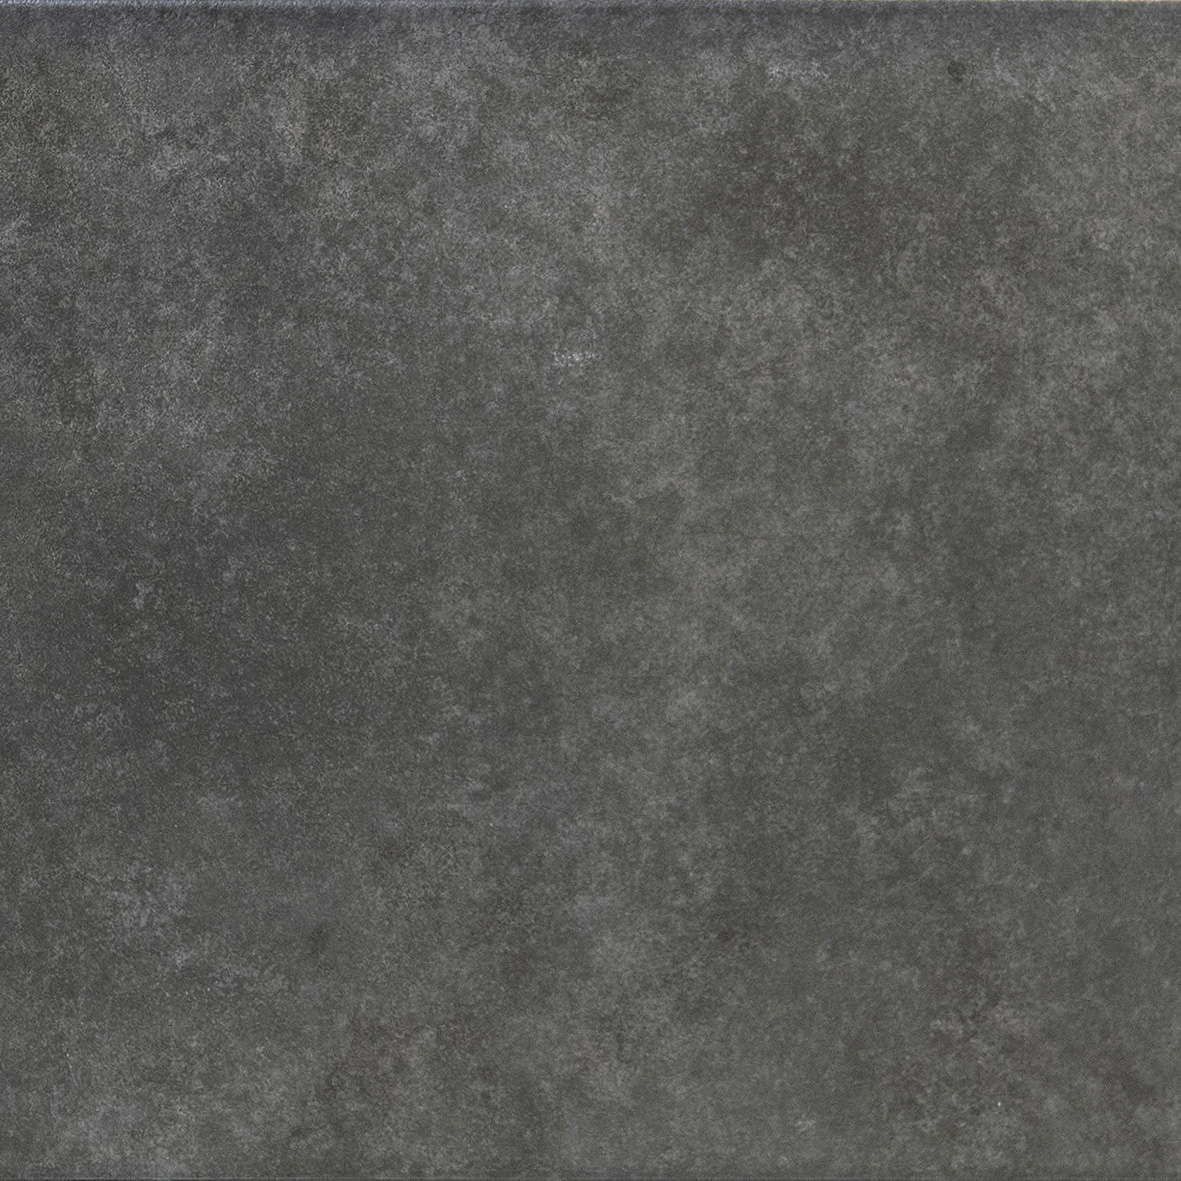 8633-04, Geo, Tummanharmaa, lattia,liukastumisenesto,pakkasenkesto